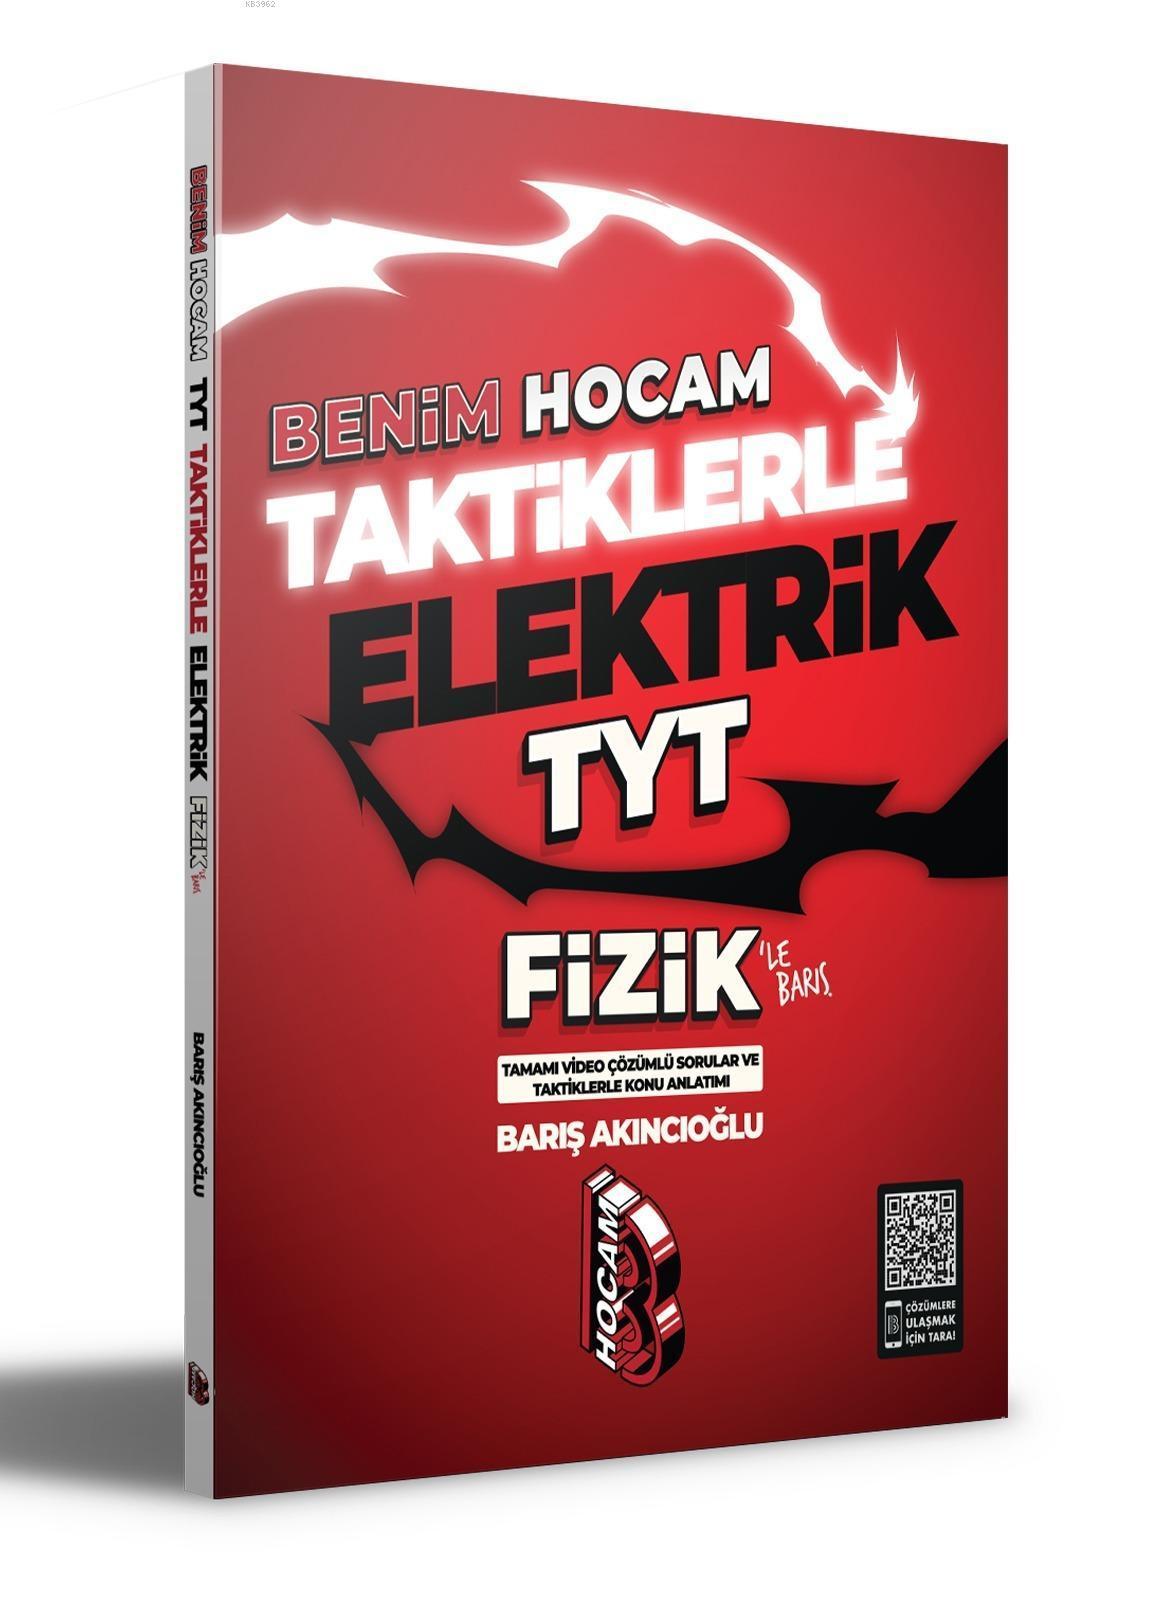 Taktiklerle Elektrik TYT Fizik Benim Hocam Yayınları